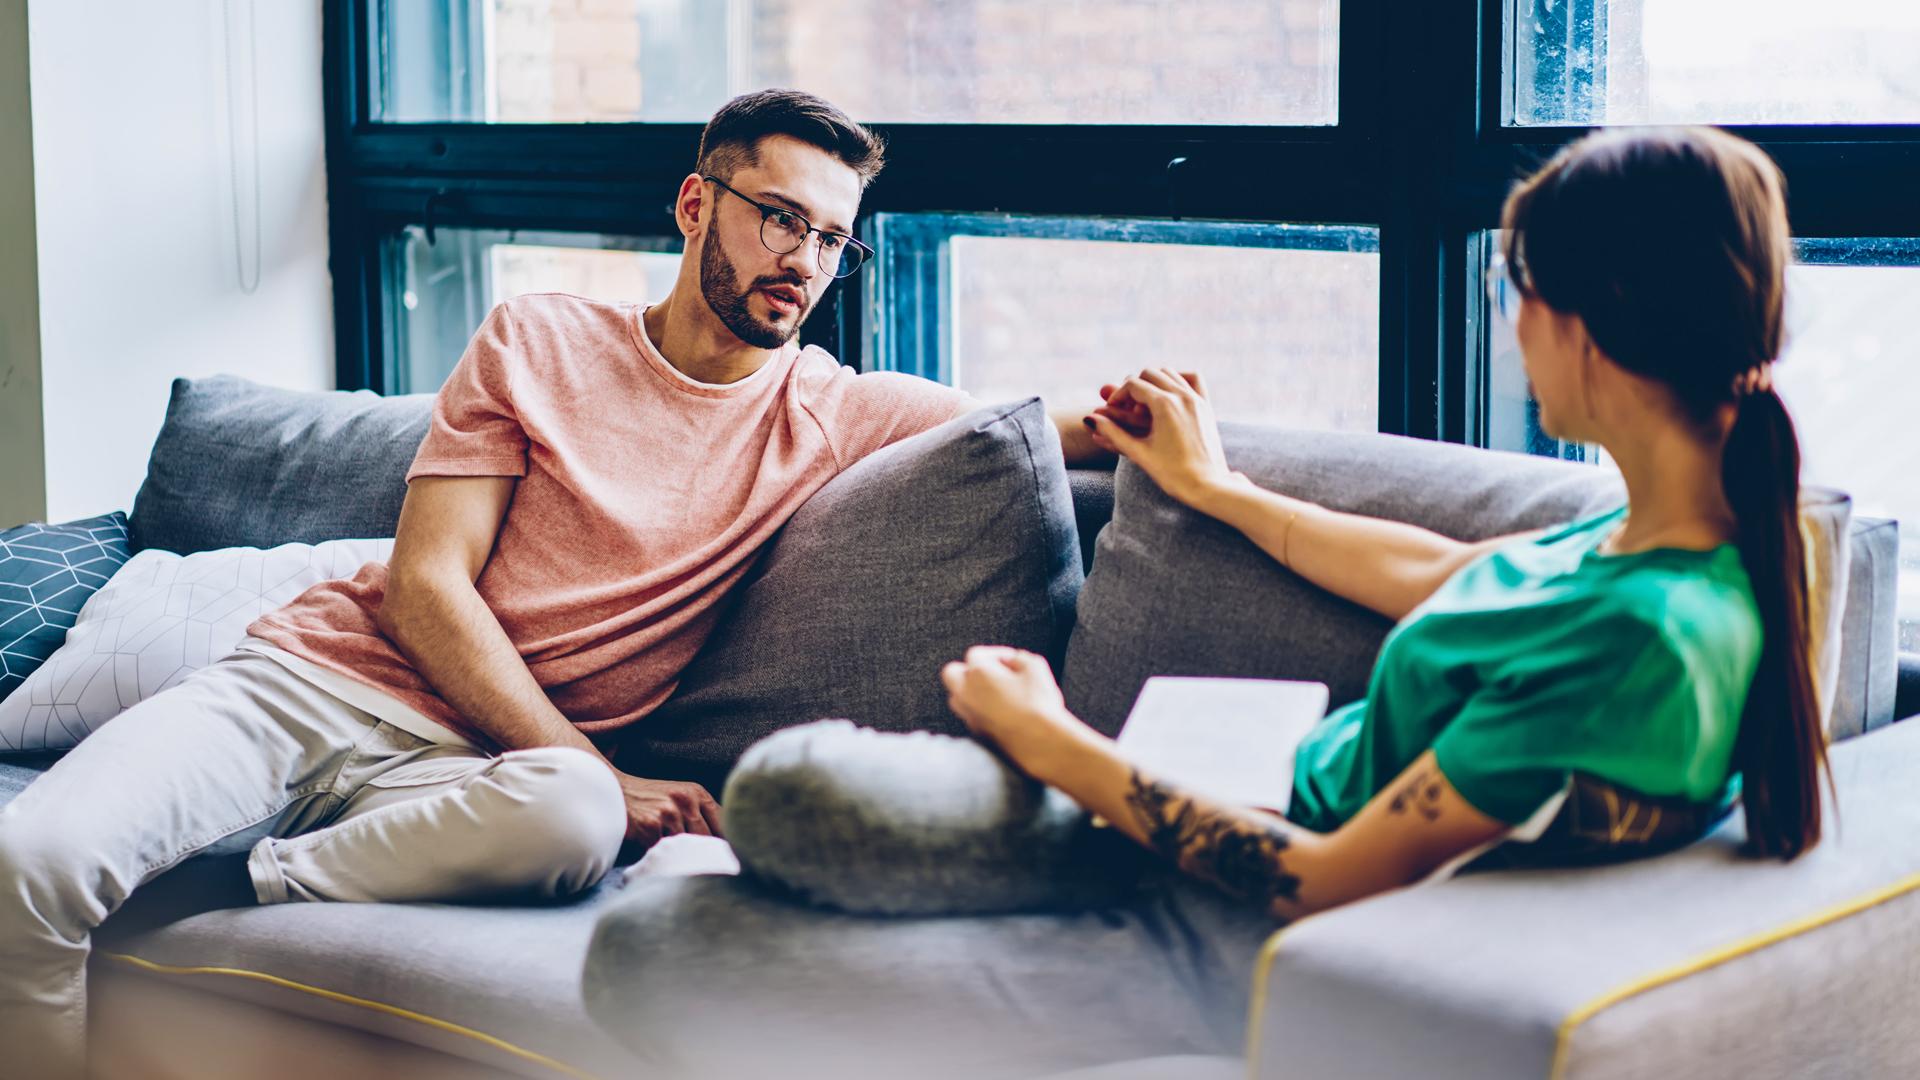 Mies ja nainen sohvalla